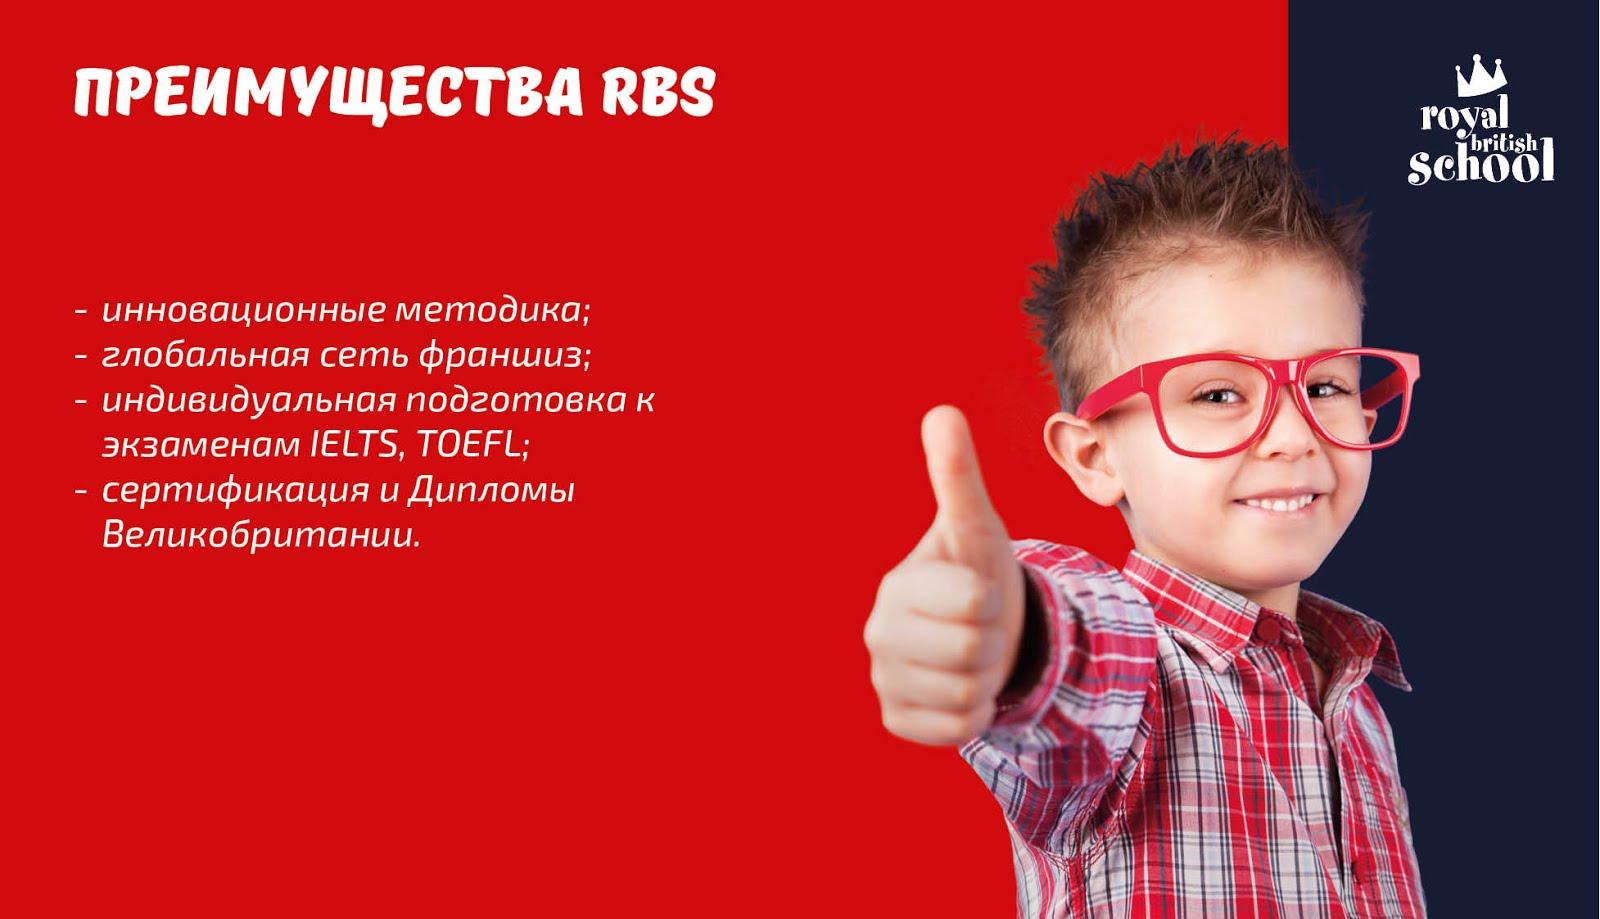 Наша языковая школа